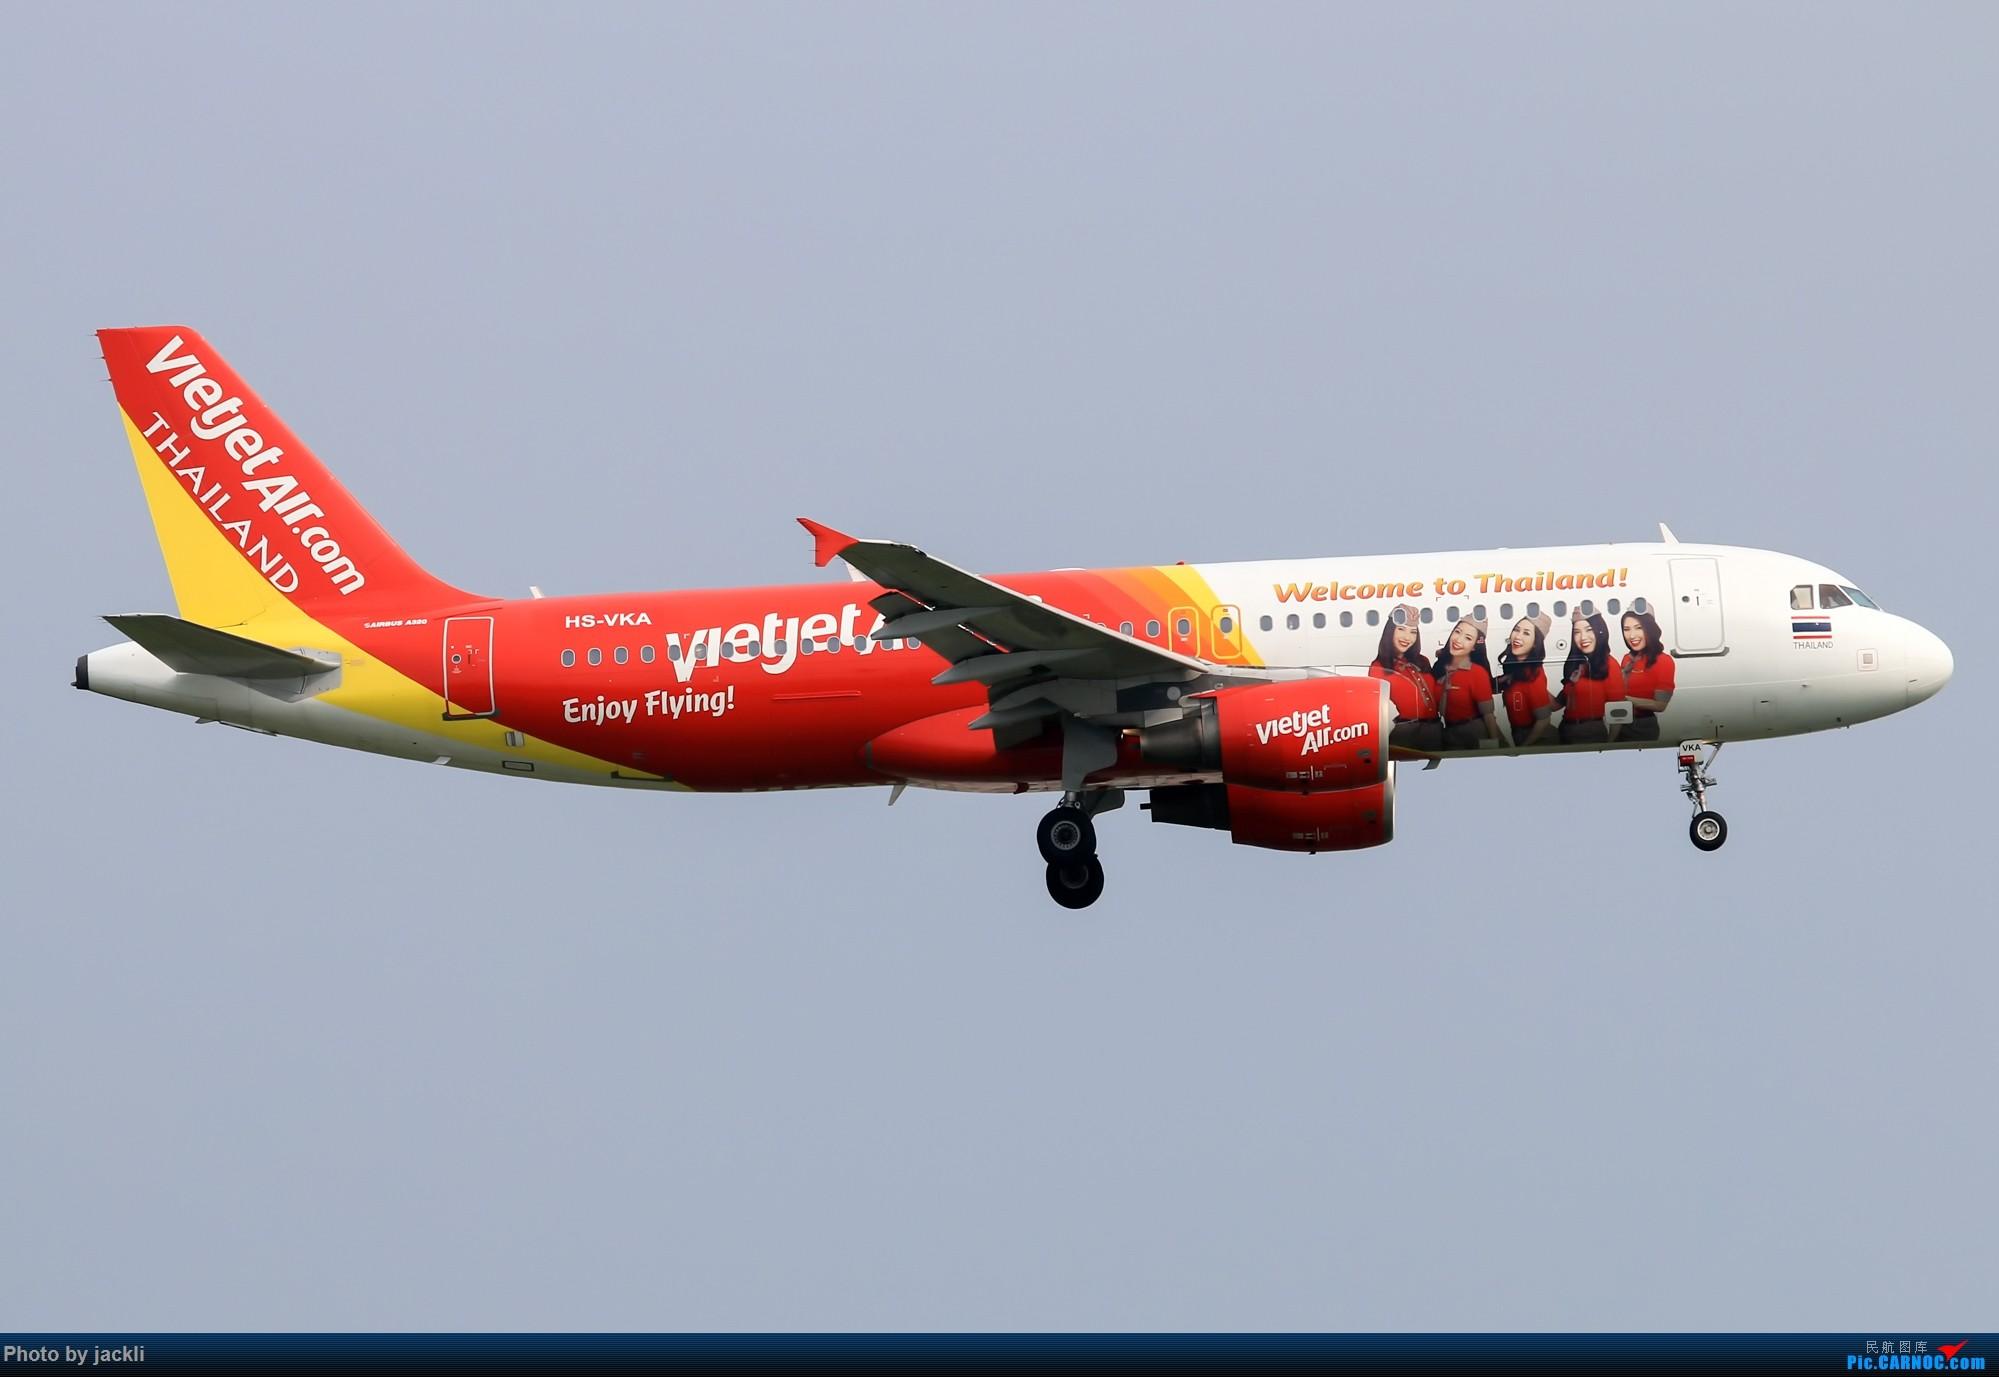 Re:[原创]【JackLi】泰国曼谷素万那普机场拍机~ AIRBUS A320 HS-VKA 泰国曼谷素万那普国际机场